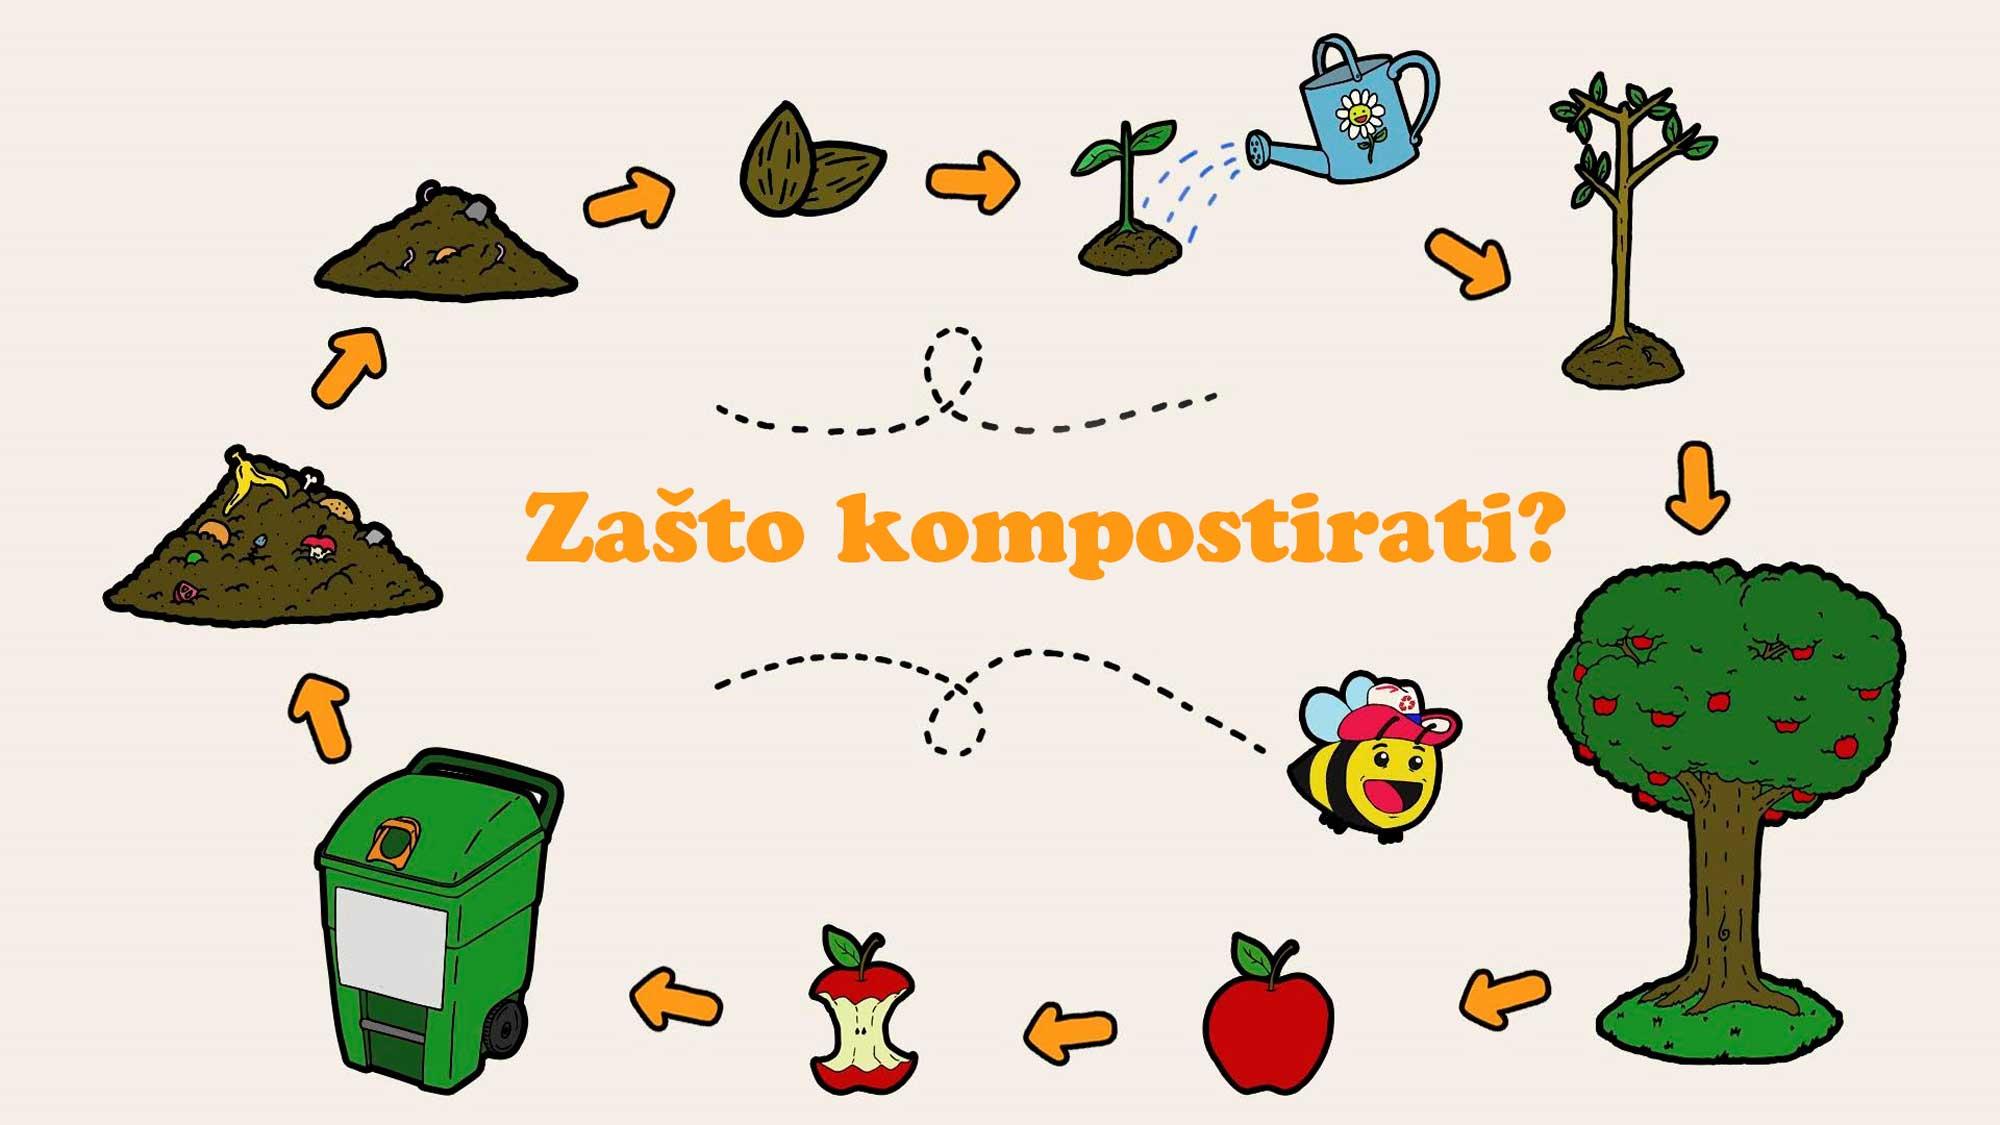 Kako napraviti kompost shema